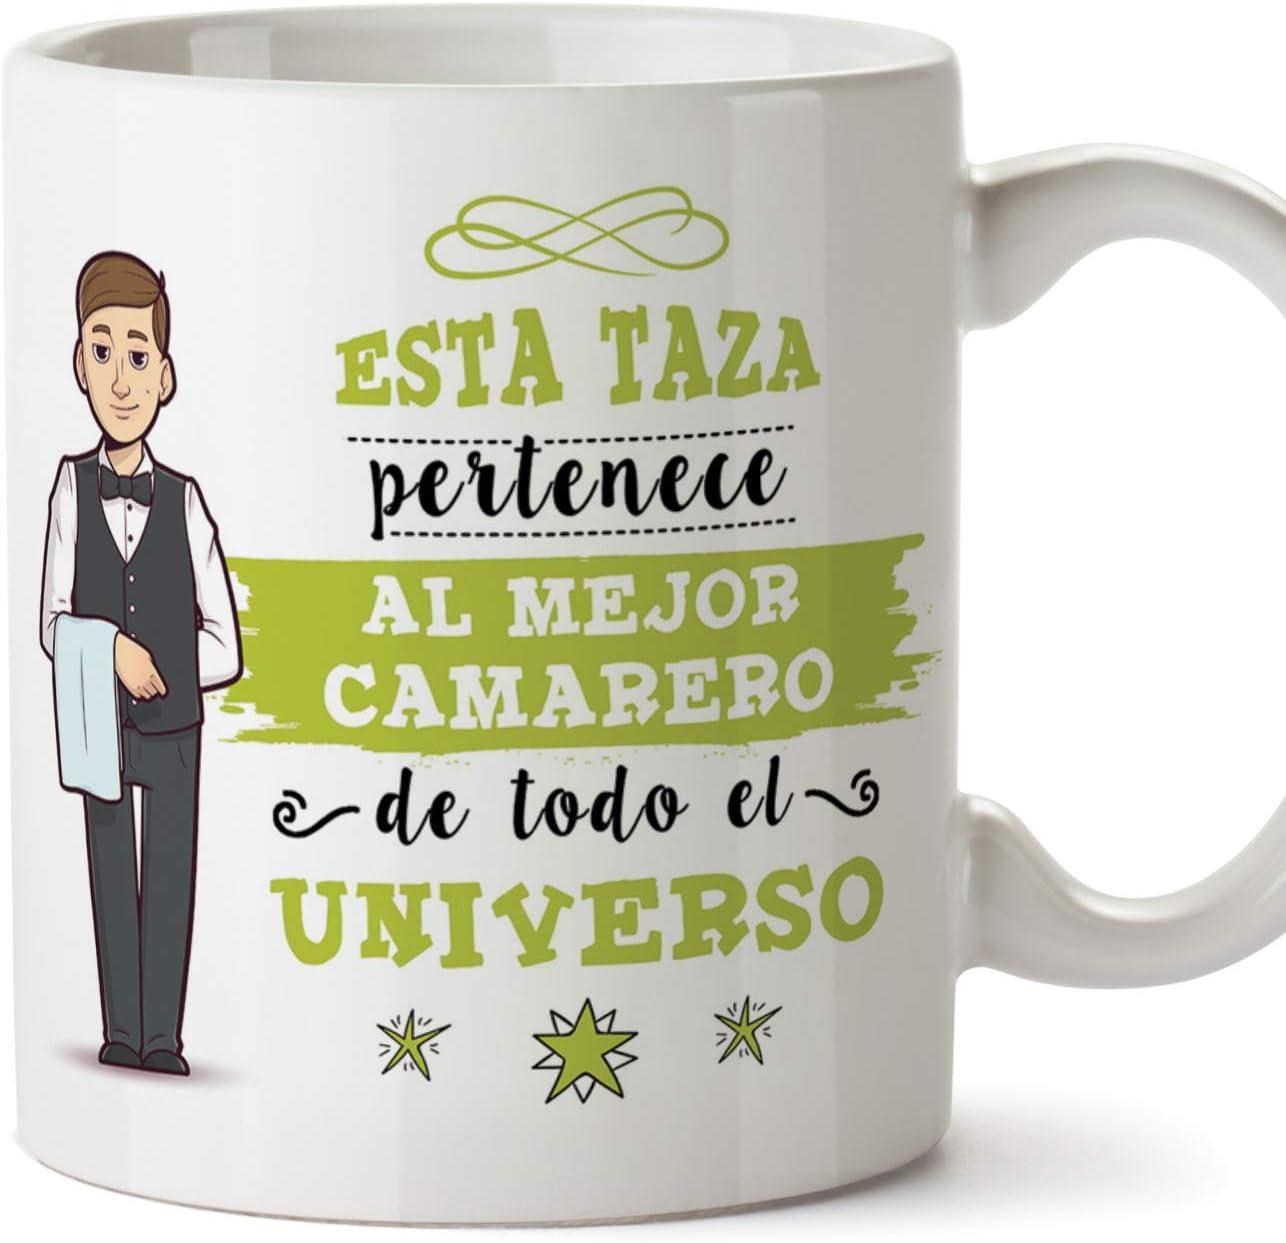 MUGFFINS Camarero Tazas Originales de café y Desayuno para Regalar a Trabajadores Profesionales - Esta Taza Pertenece al Mejor Camarero del Universo - Cerámica 350 ml